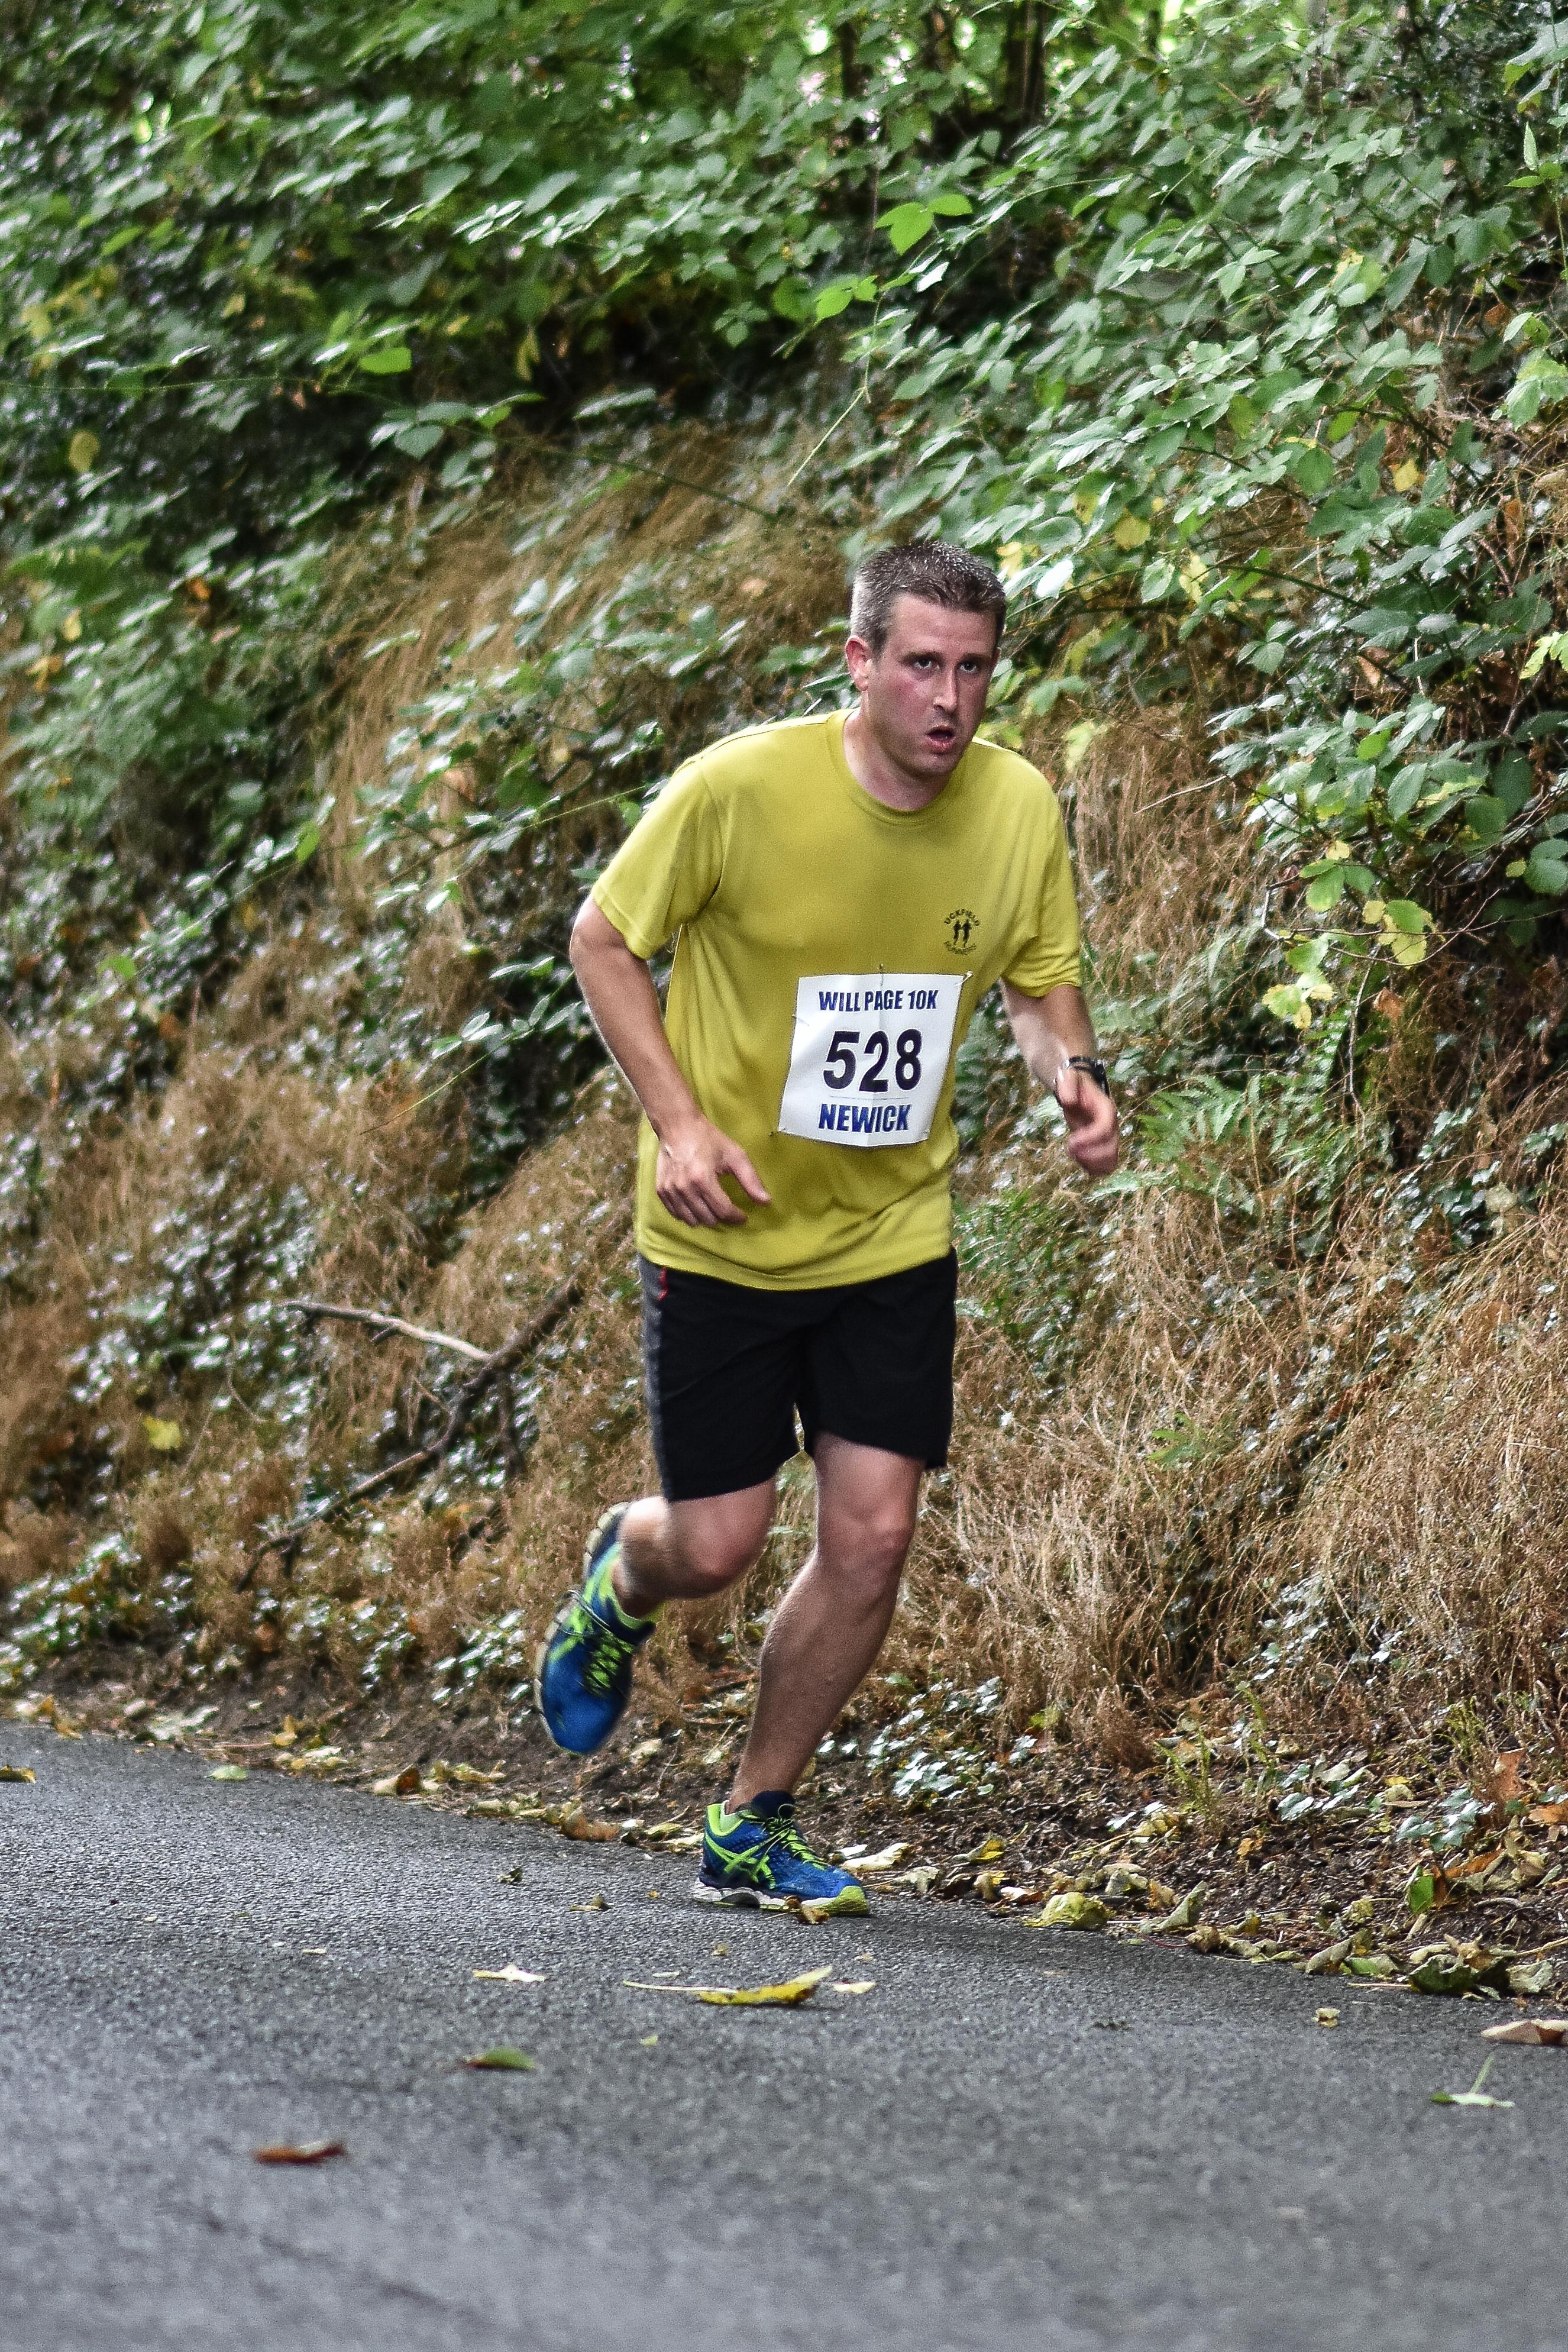 Runner - 528